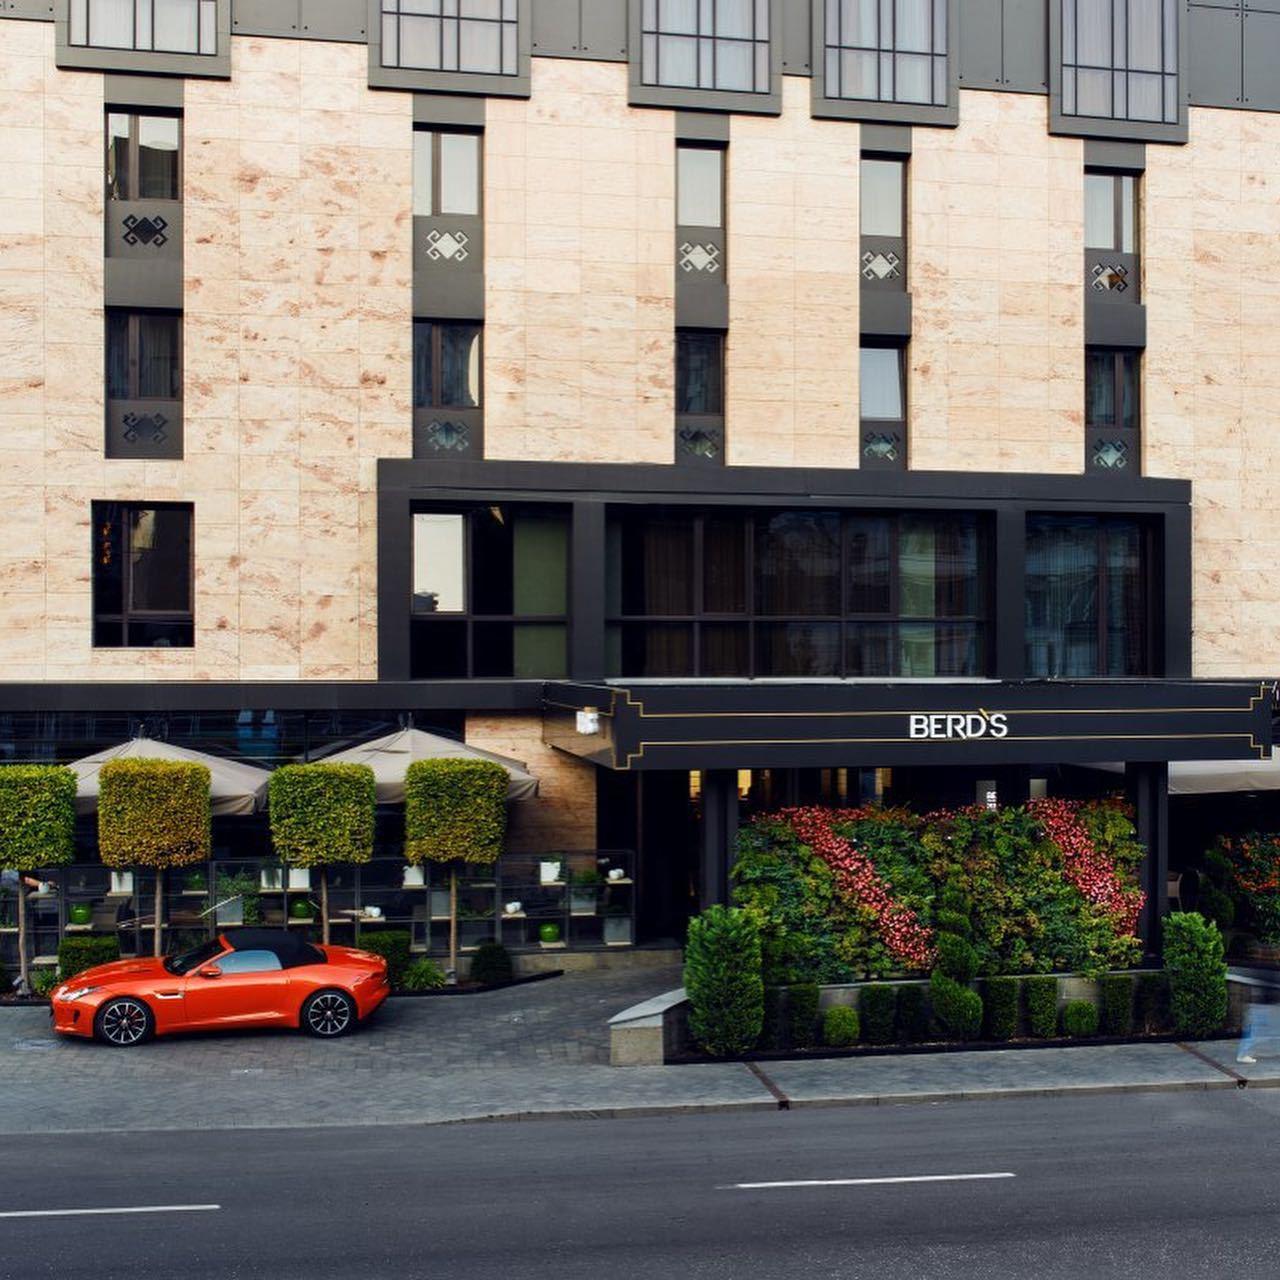 Grupul francez Accor intră pe piaţa din Republica Moldova, după afilierea hotelului BERD's din Chişinău la brandul Mgallery